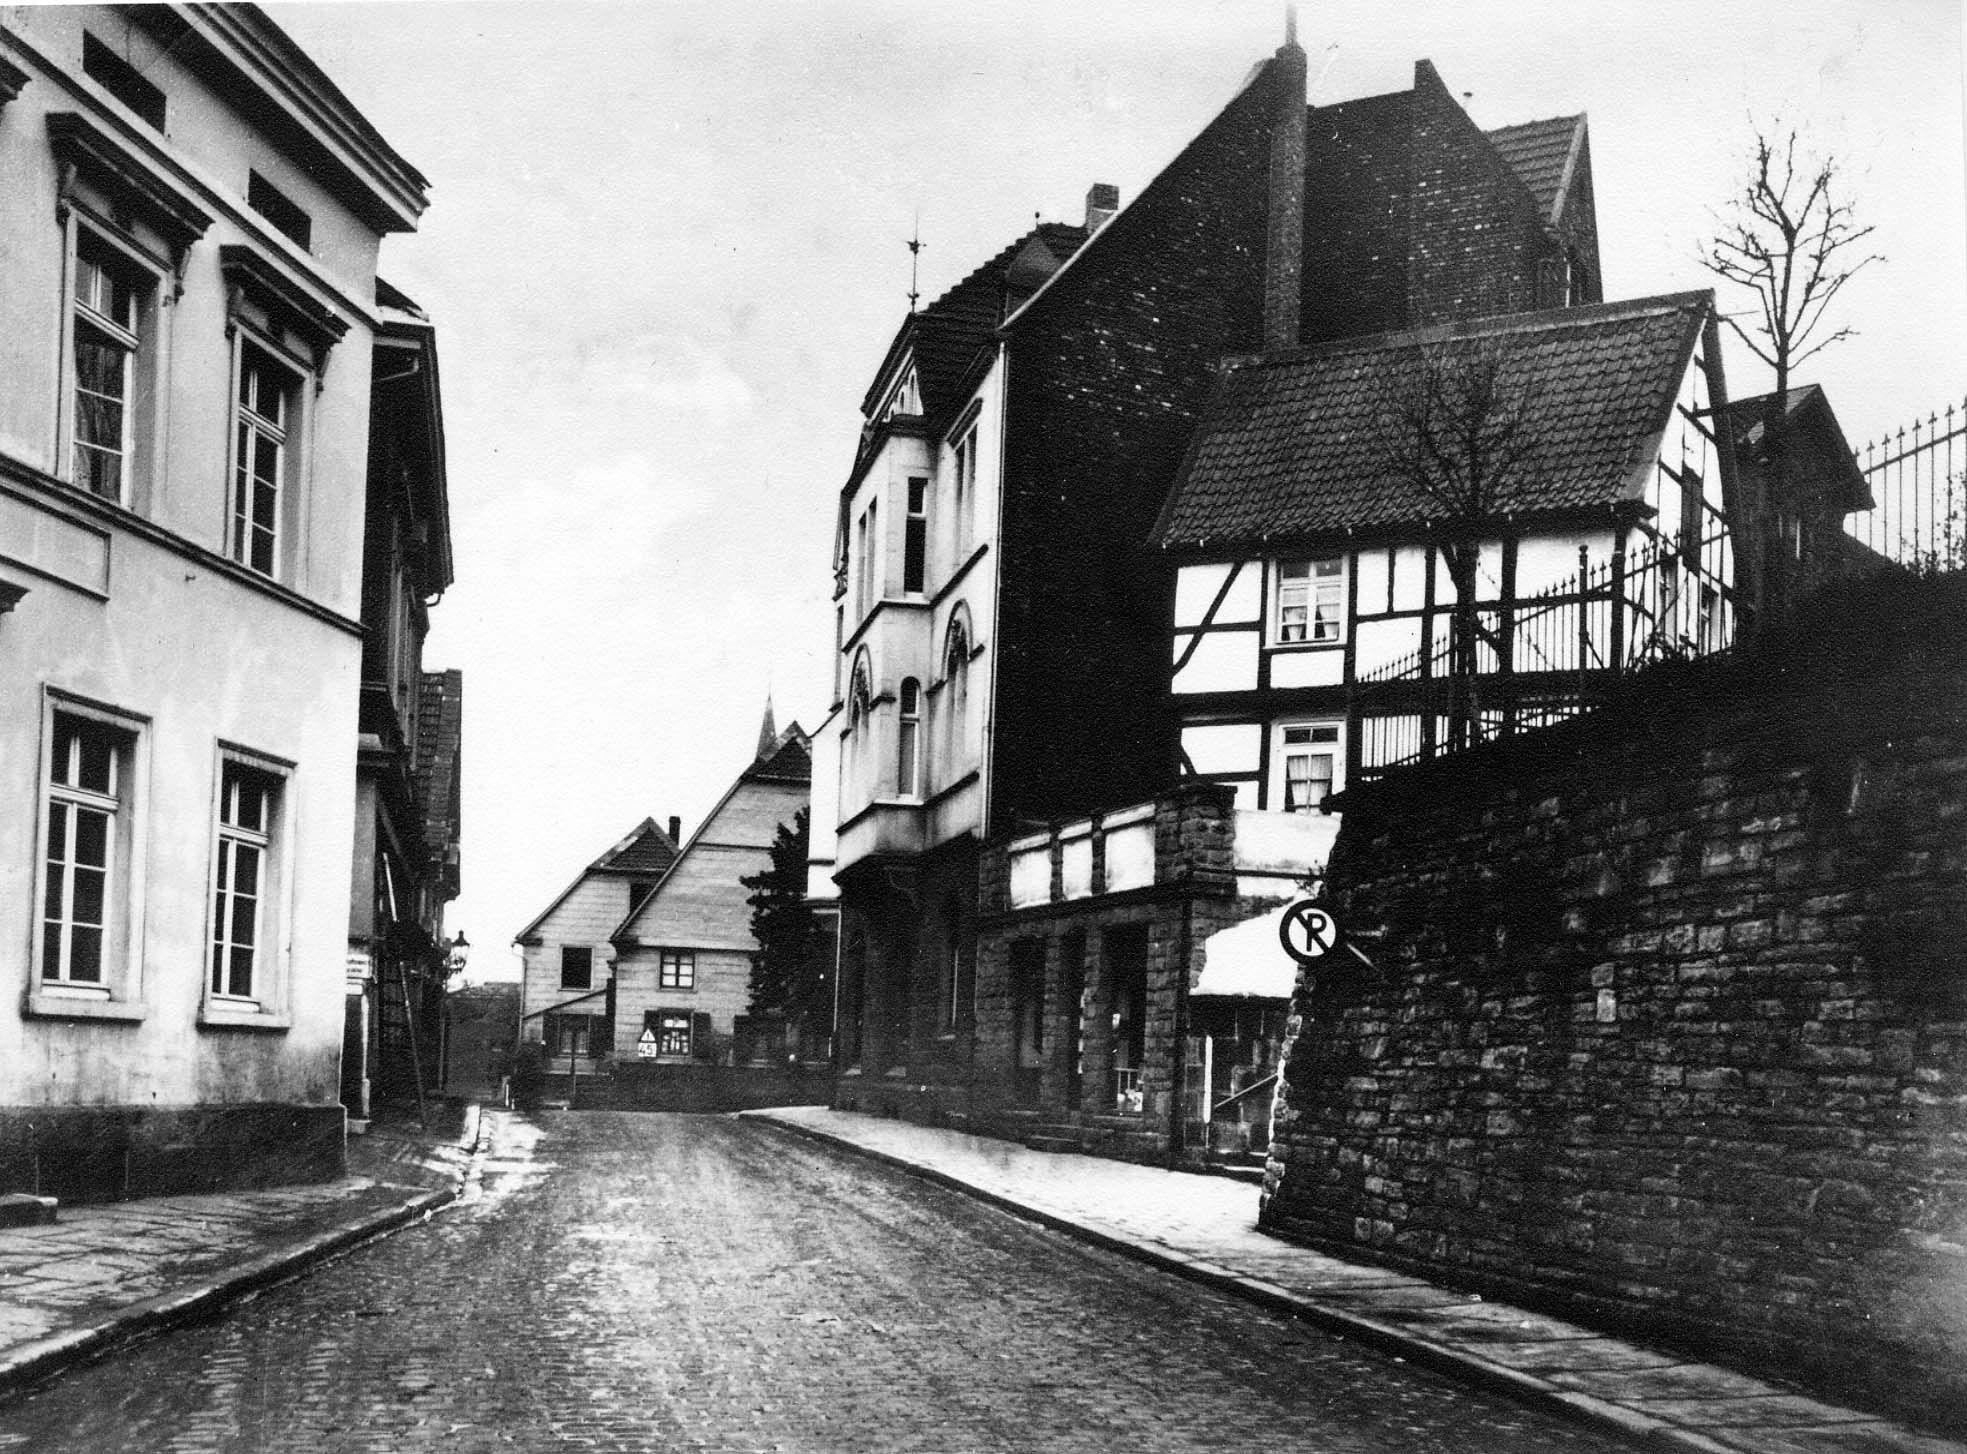 Hauptstraße, 30er Jahre, Herdecke, Westfalen Westfalen